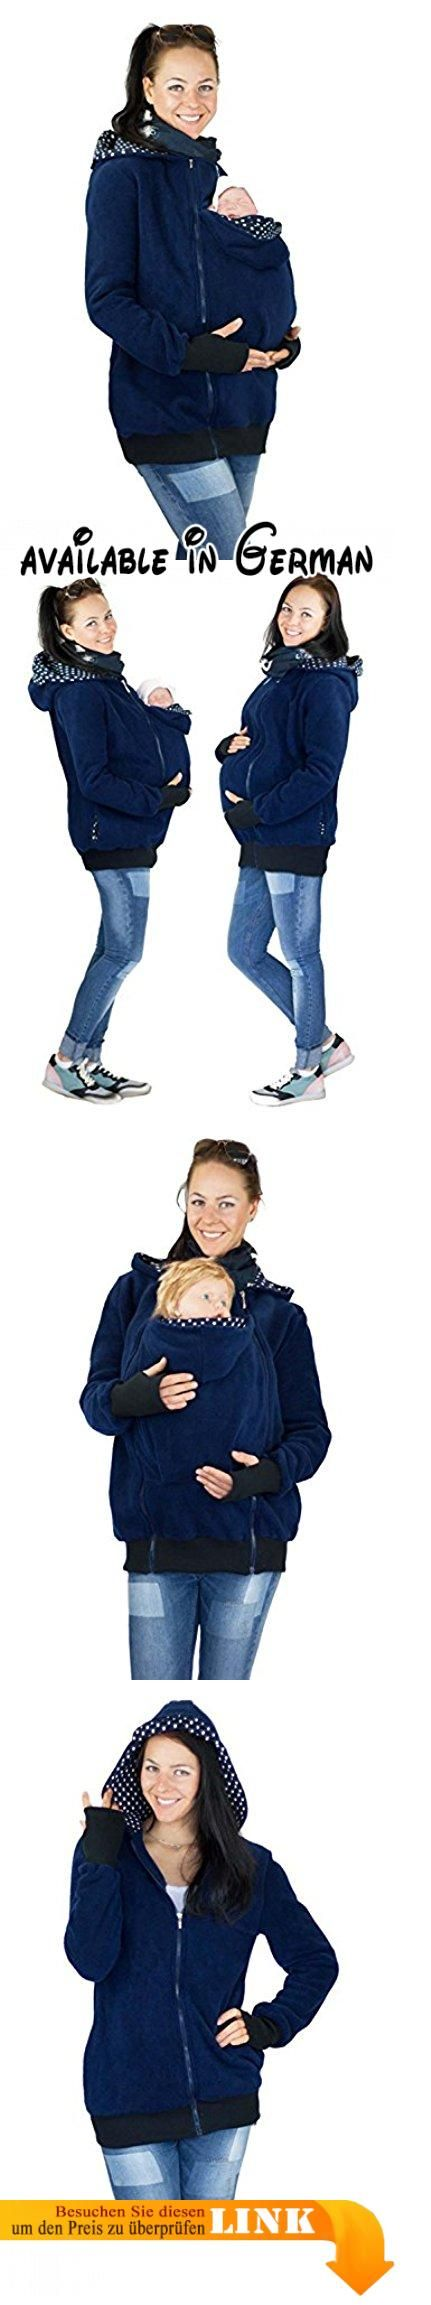 GoFuture Damen Tragejacke für Mama und Baby 4in1 Känguru Jacke Umstandsjacke GF2072XH2 Marine mit weißen Punkten auf dunkelblauem Innenfutter Gr. 36. Babytragejacke (Neugeborene & Größere Babys). Umstandsjacke durch Jackenerweiterung per Reißverschluß. Normale Freizeitjacke im Handumdrehen. Handgemachtes Design mit Liebe aus Niedersachsen. Mit Babytrage oder Babytragetuch zu nutzen #Apparel #OUTERWEAR